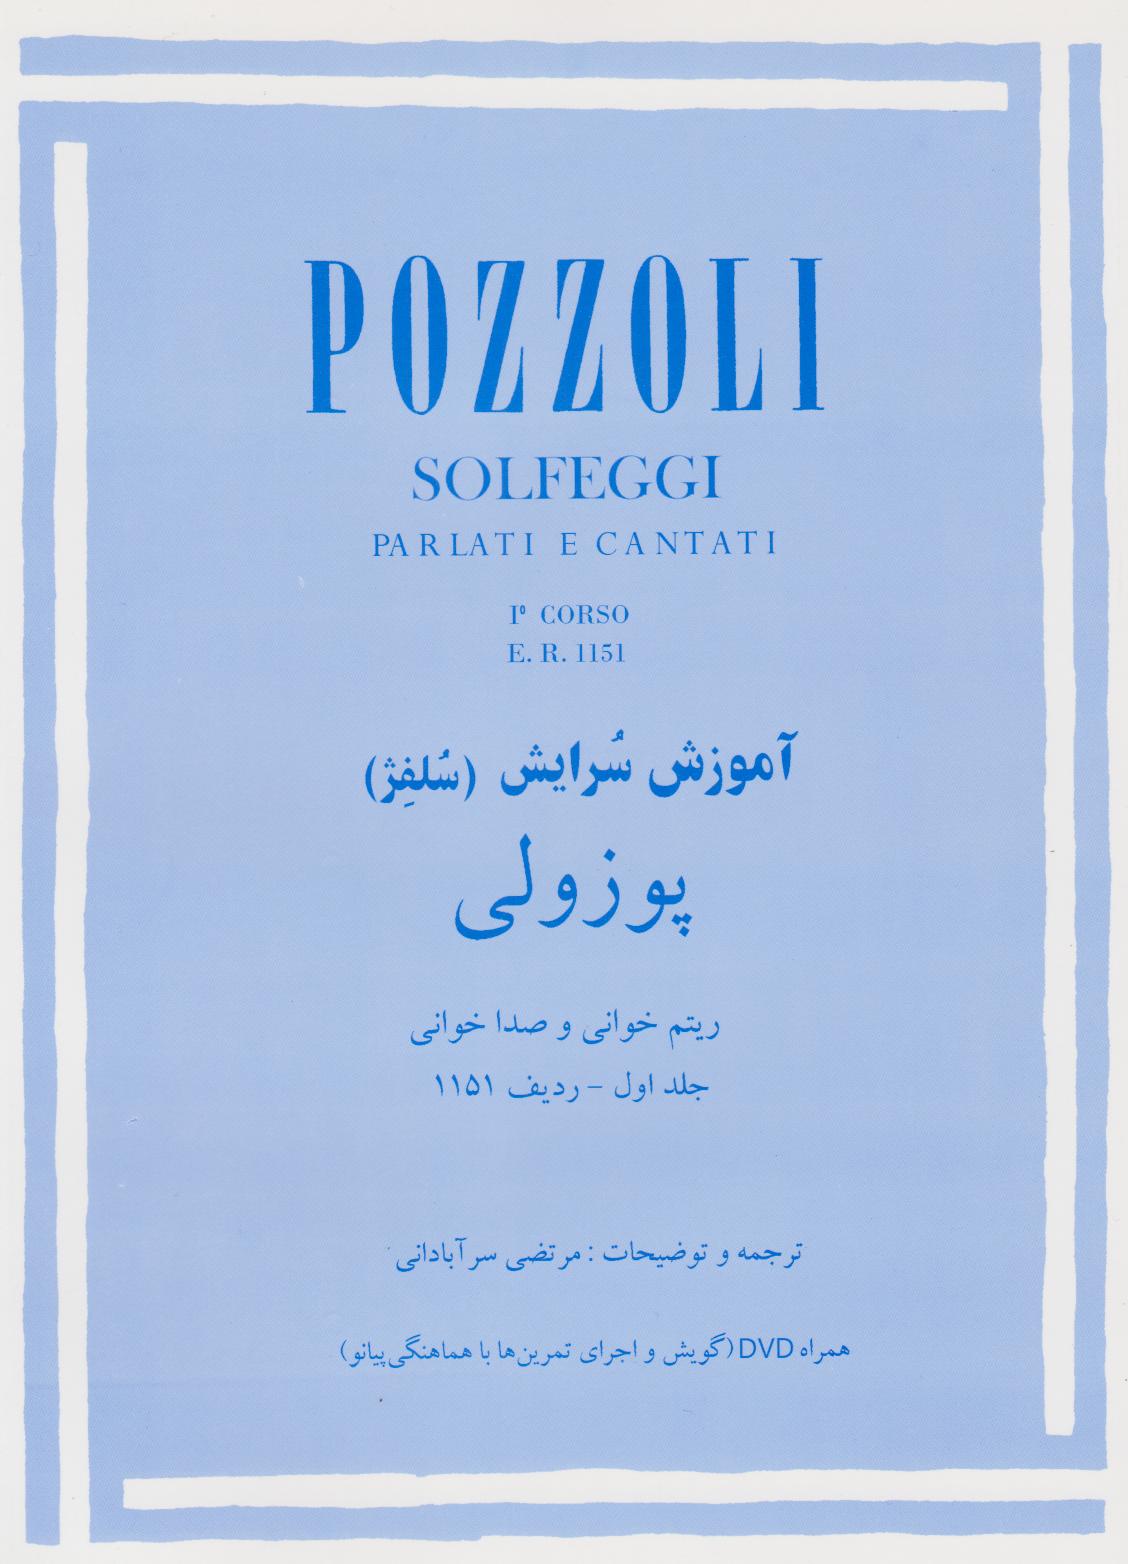 کتاب اول پوزولی 1151 آموزش سرایش مرتضی سرآبادانی انتشارات چندگاه